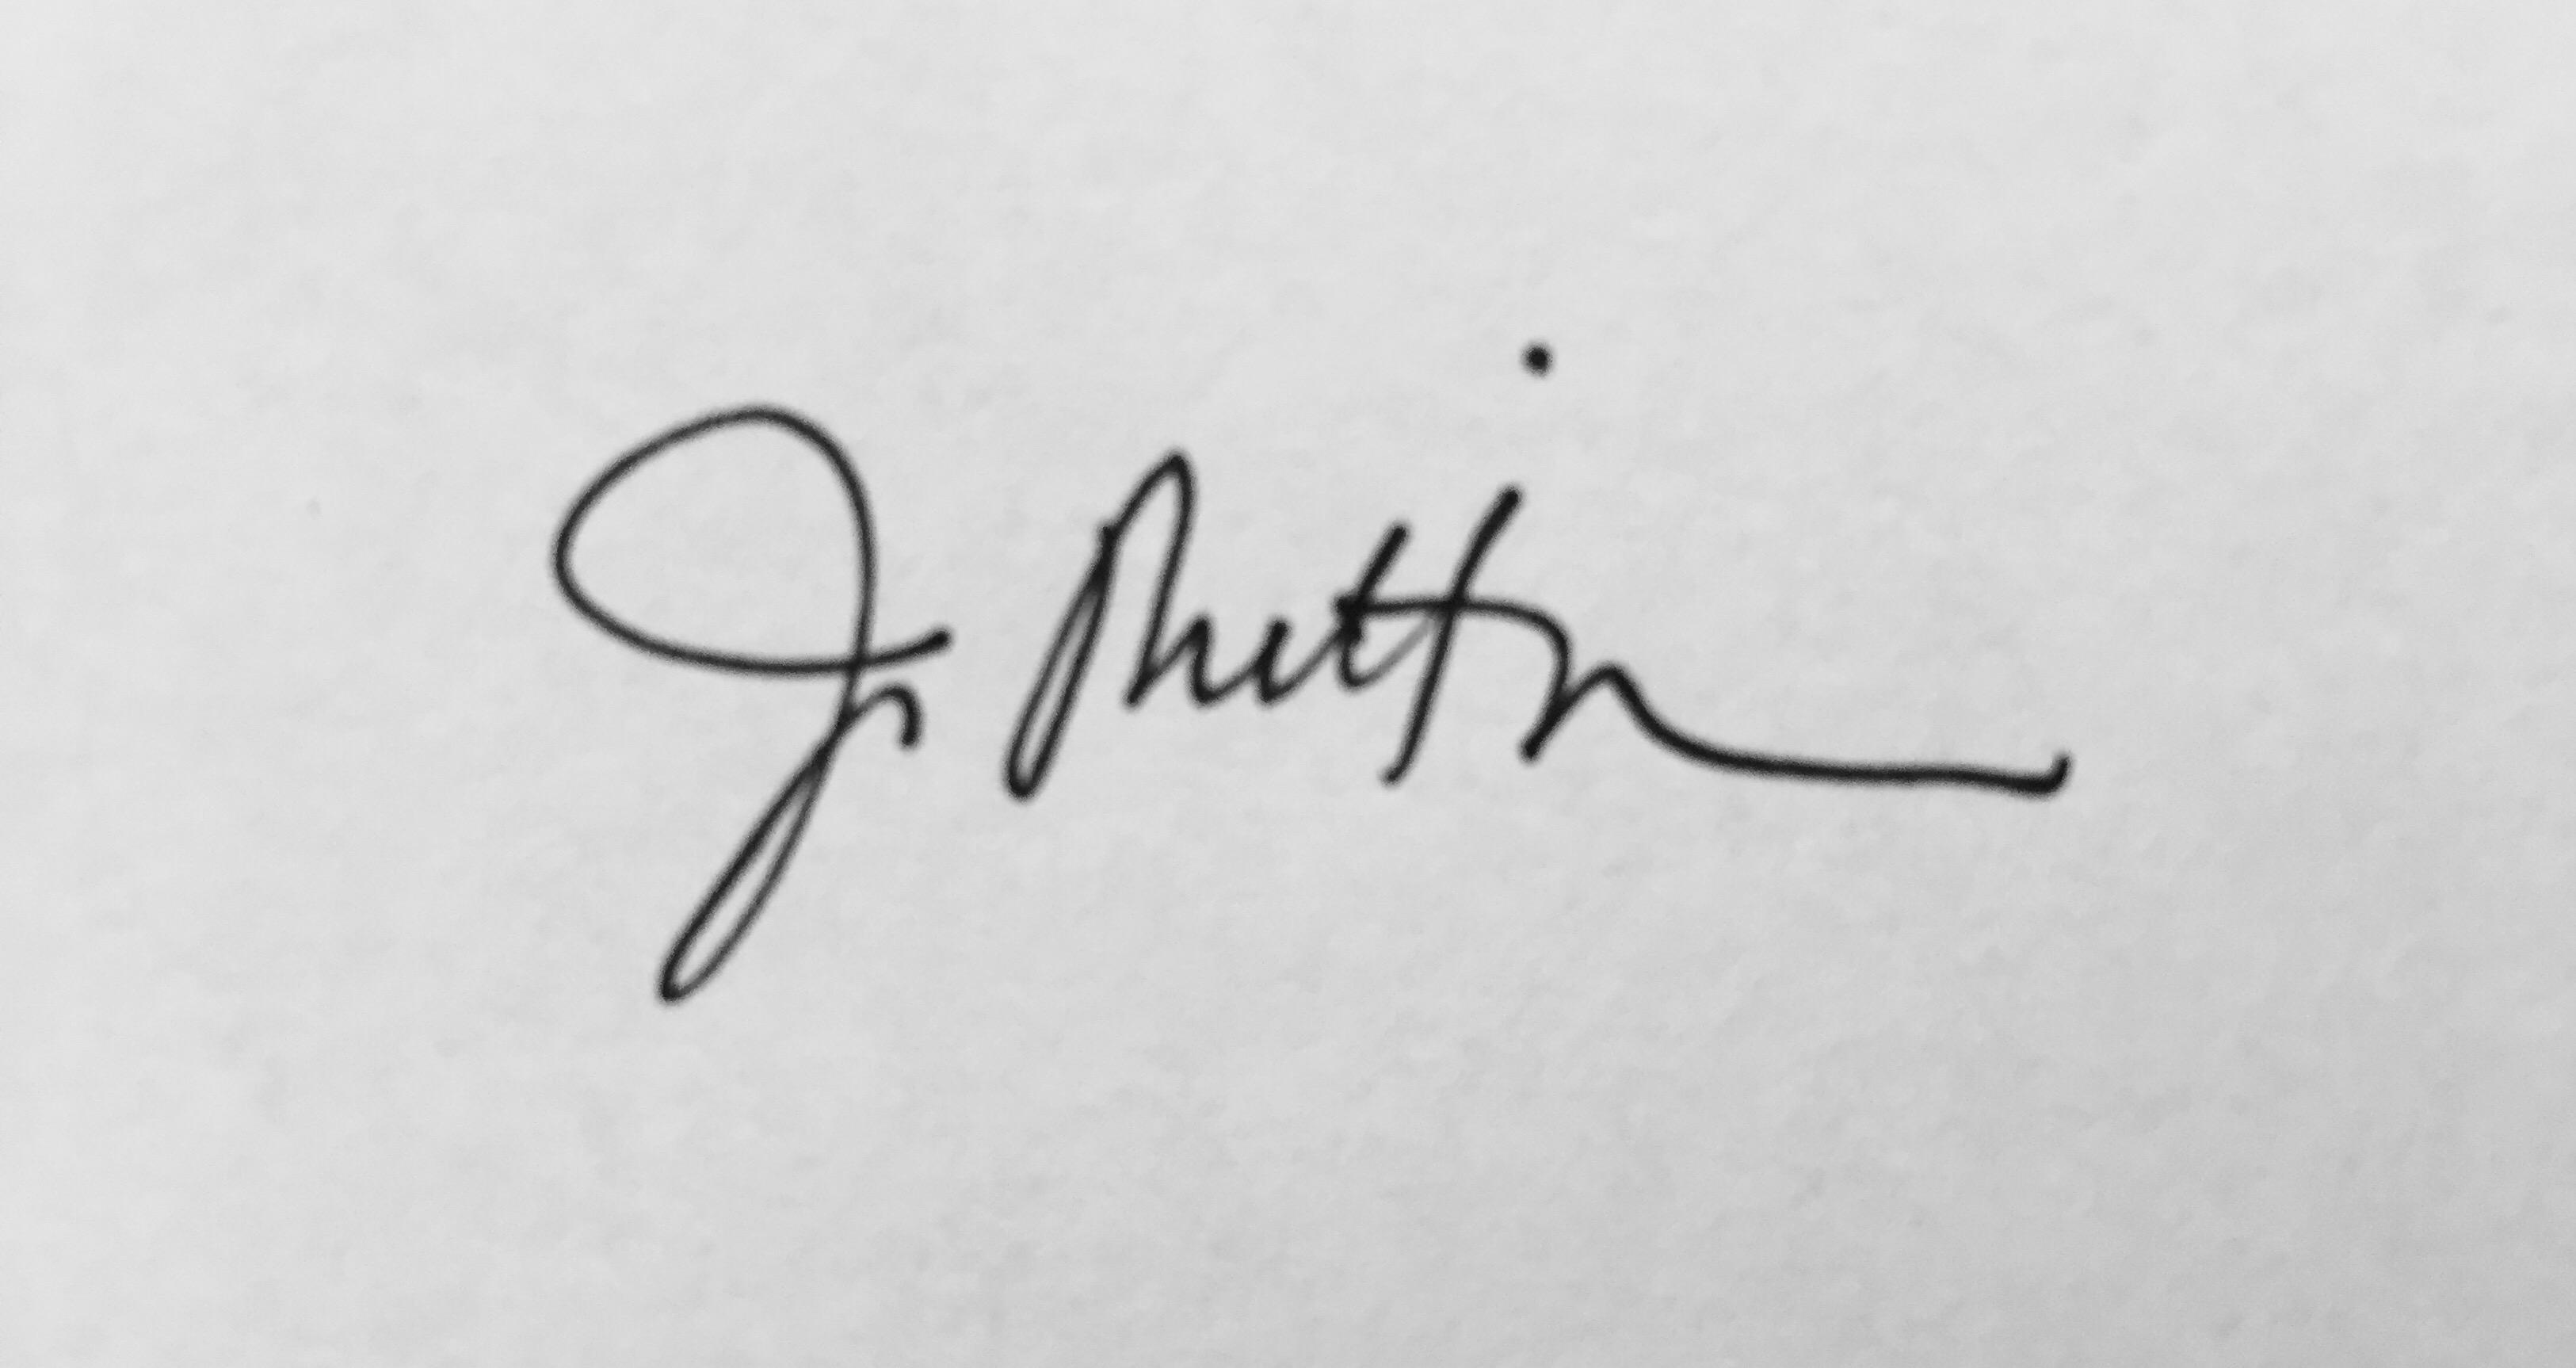 Joanna Mittman's Signature